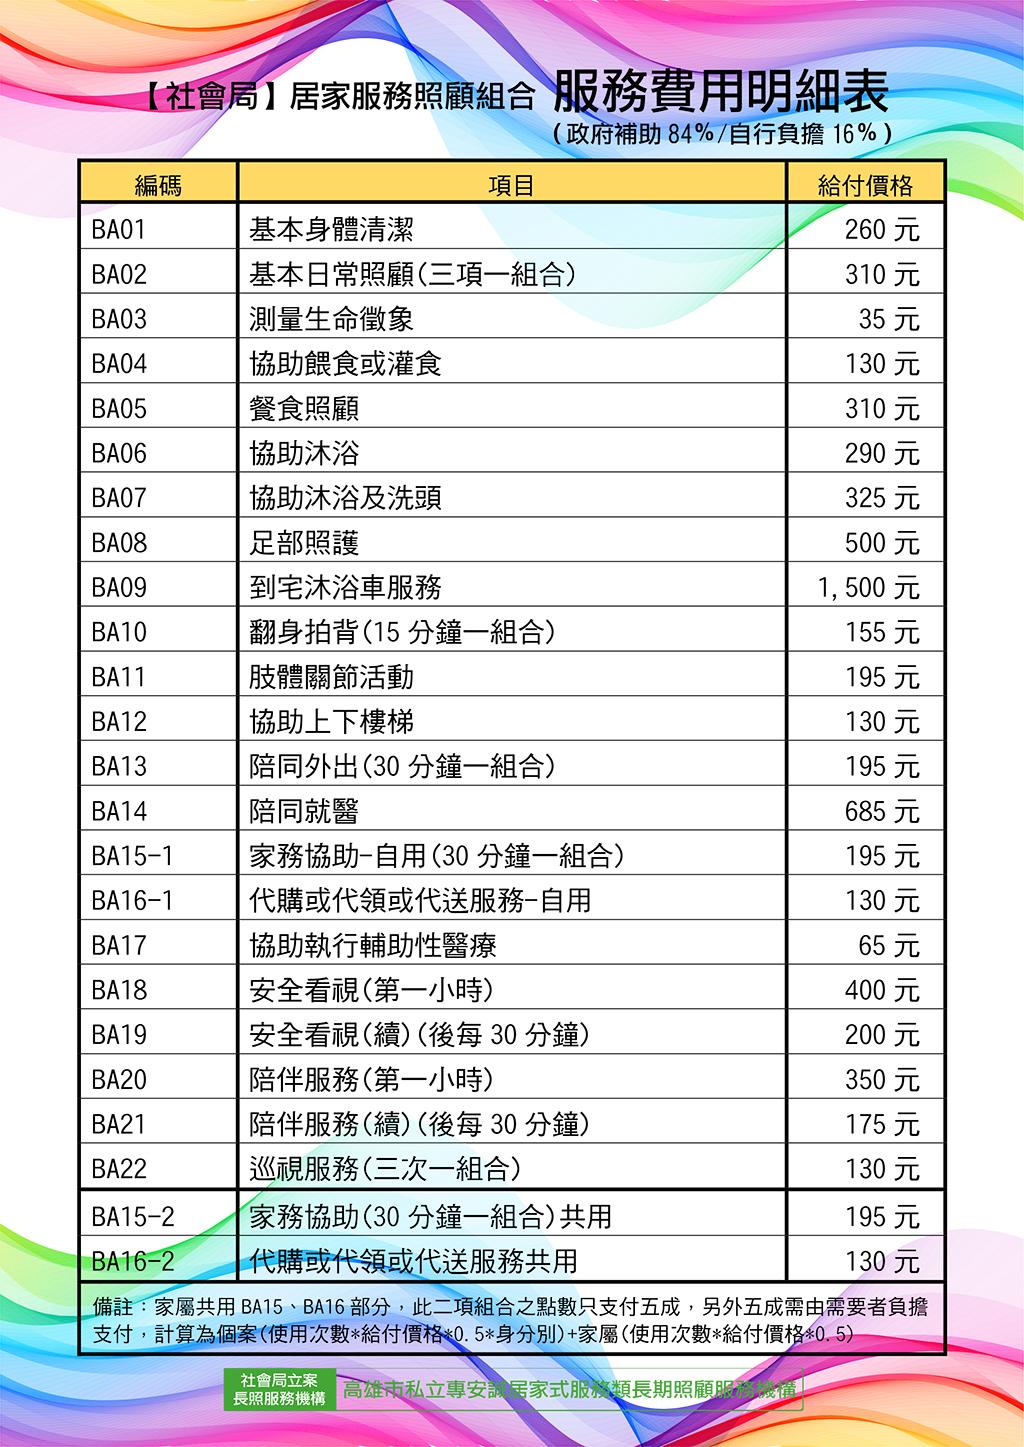 【社會局】居家服務照顧組合—服務費用明細表